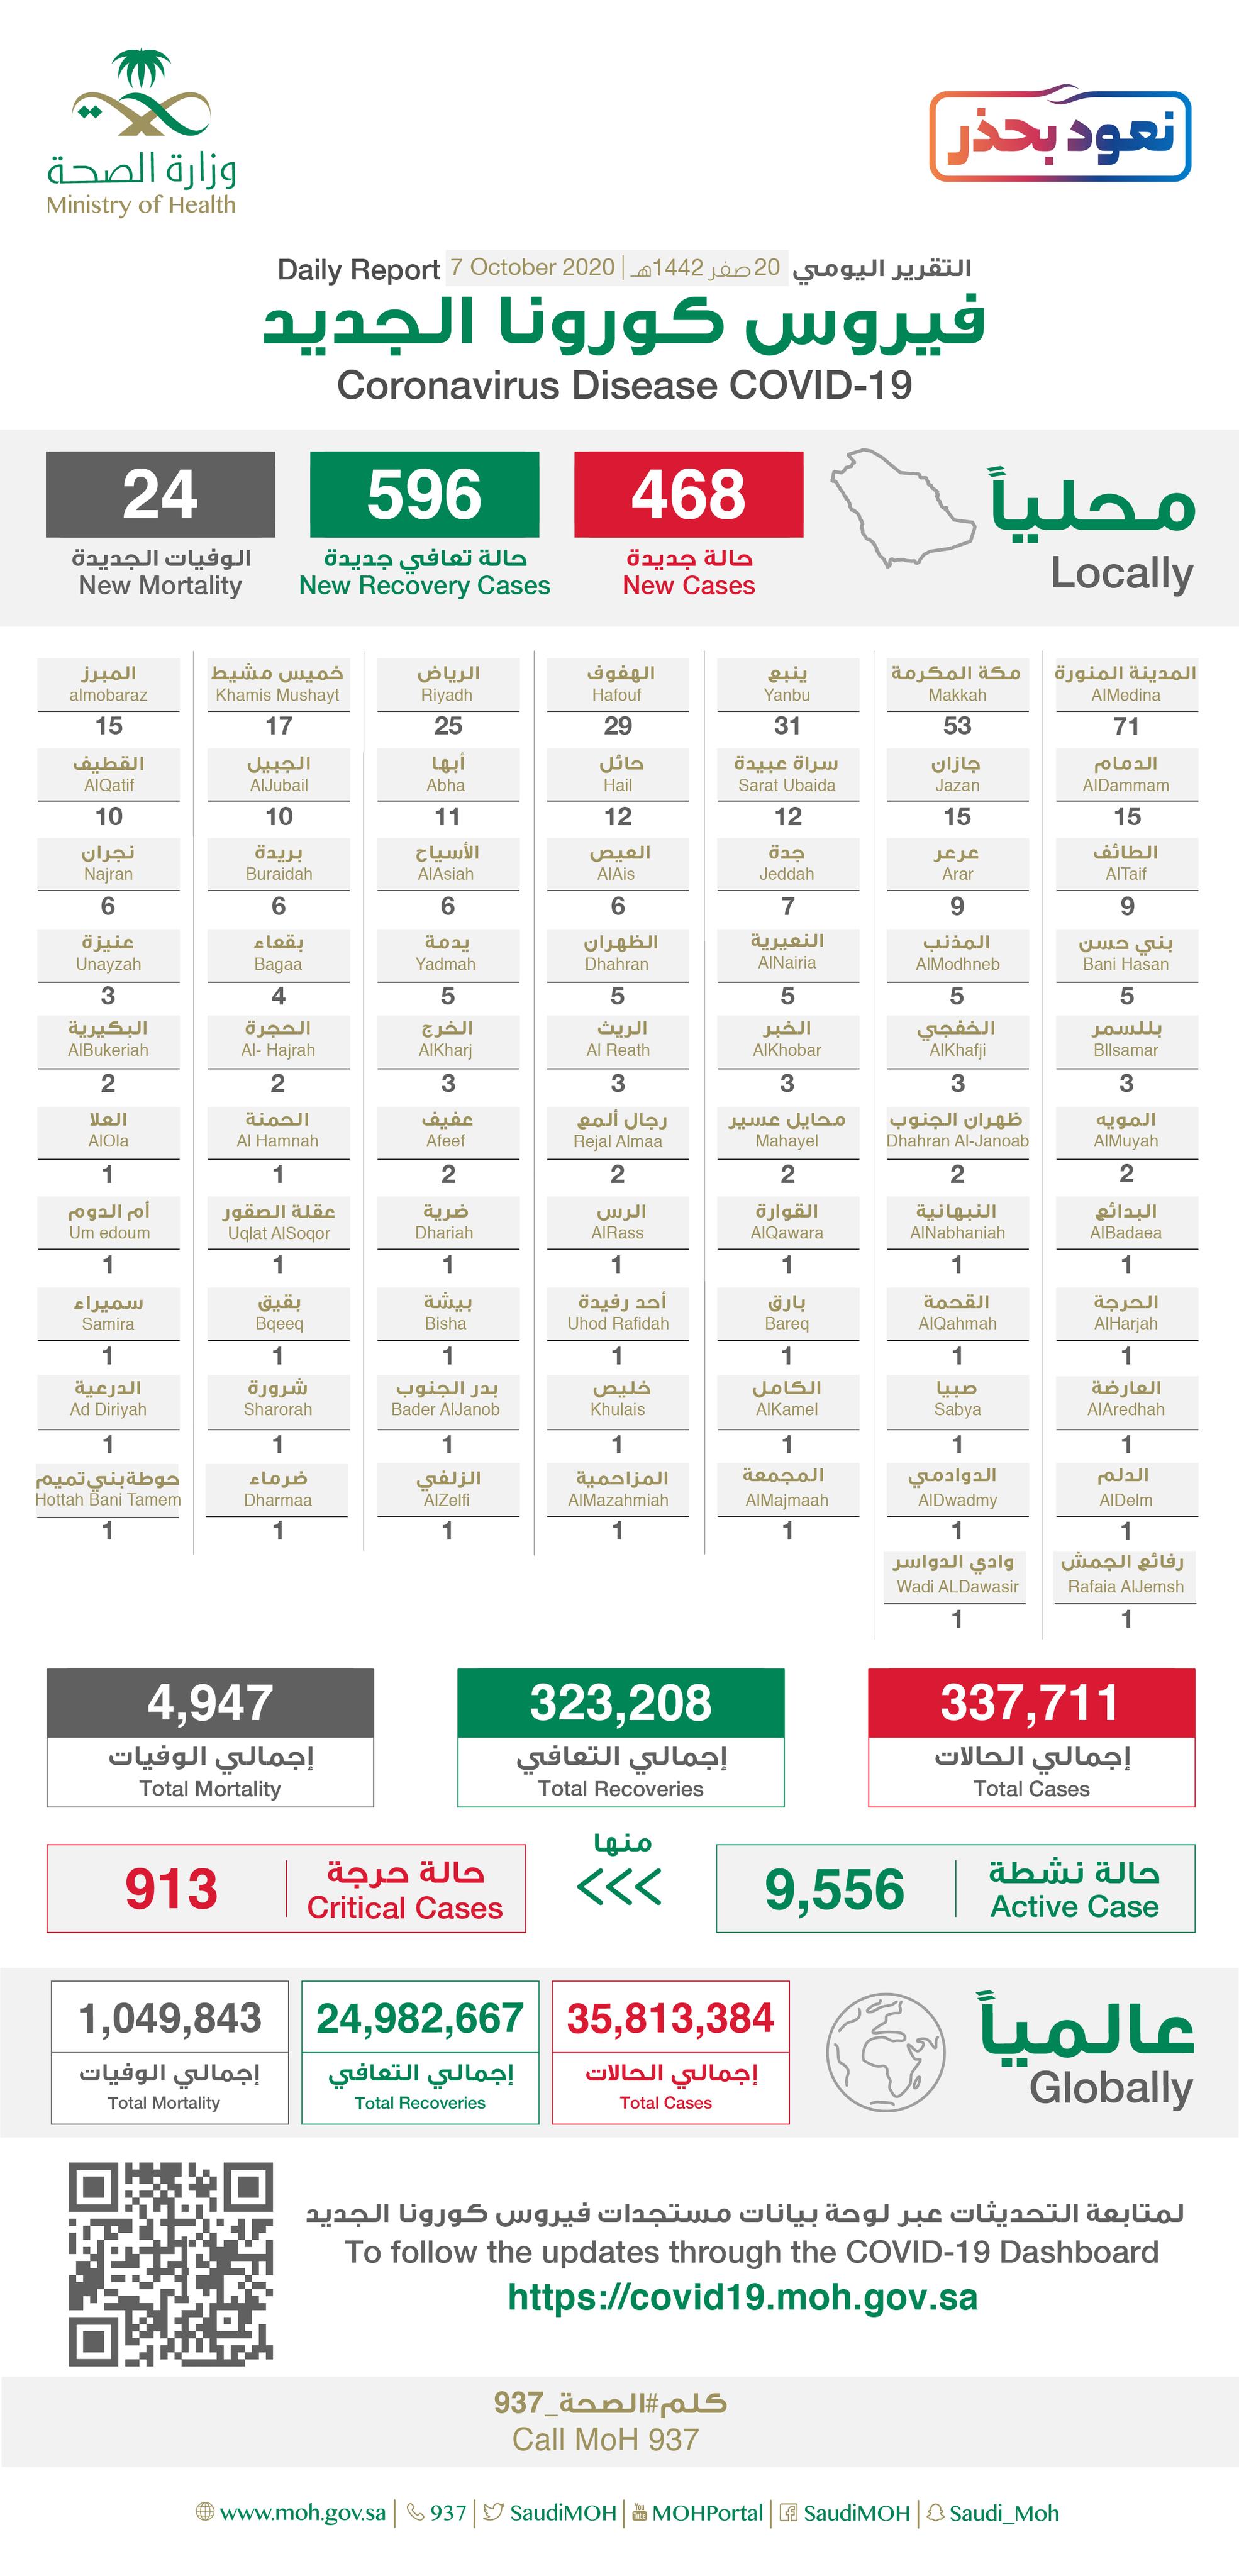 وزارة الصحة السعودية: تسجيل 468 حالة جديدة مُصابة بفيروس كورونا و24 حالة وفاة